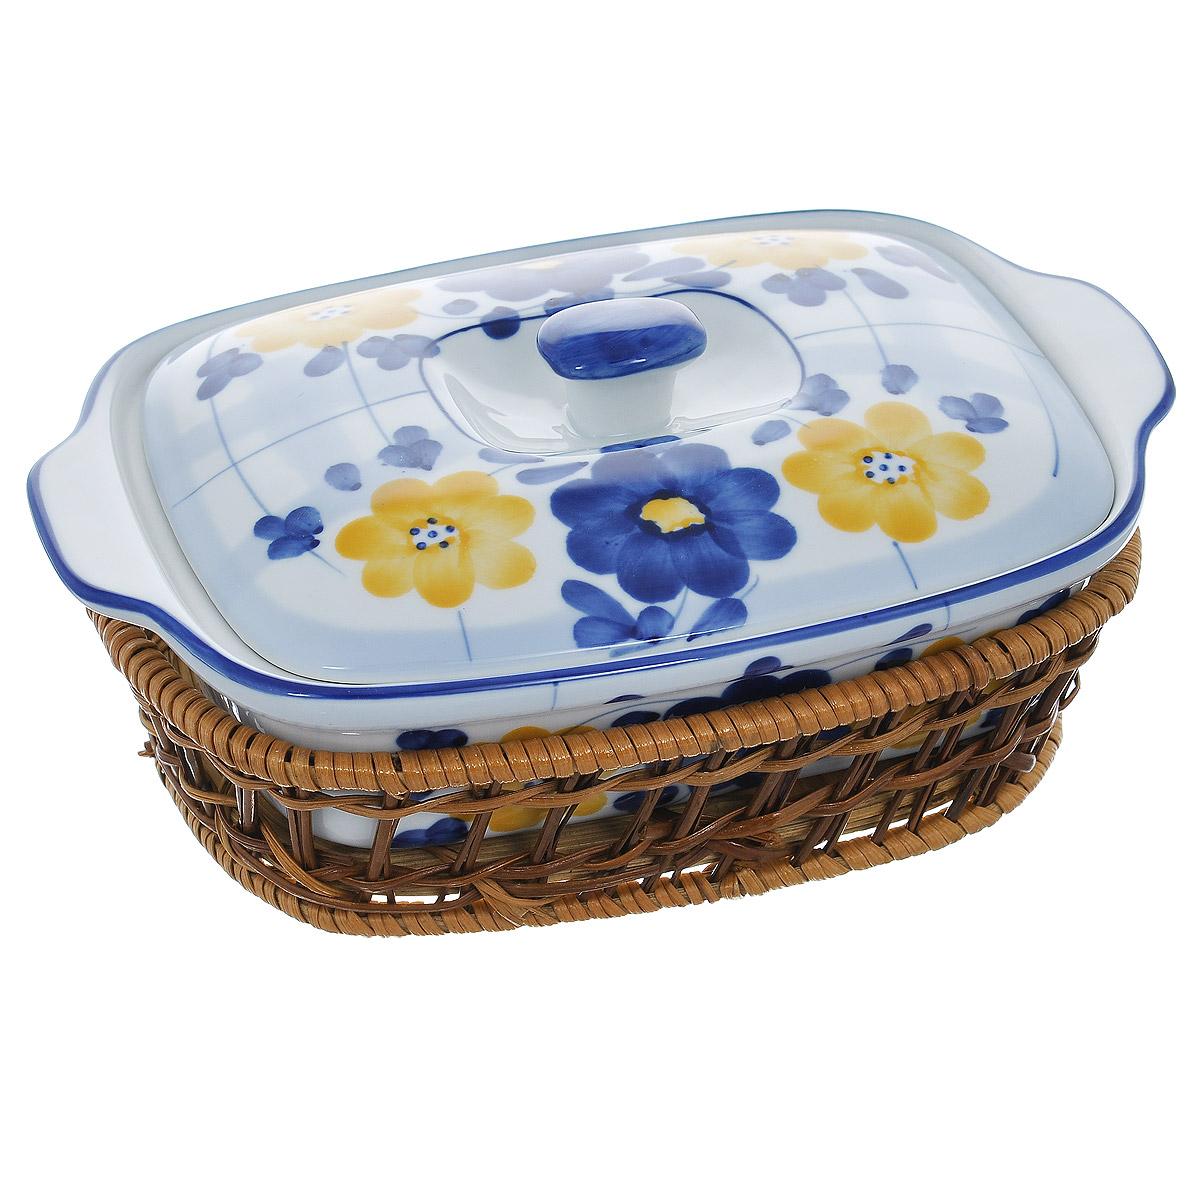 Кастрюля Bekker с крышкой, с корзиной, прямоугольная, цвет: синий, белый, 1 лBK-7333Прямоугольная кастрюля Bekker, изготовленная из высококачественной жаропрочной керамики и декорированная изображением цветов, прекрасно подойдет для запекания. В комплект входит крышка и плетеная корзина-подставка, изготовленная из ротанга. Изделия из керамики идеально подходят как для приготовления пищи, так и для подачи на стол. Материал не содержит свинца и кадмия. С такой кастрюлей вы всегда сможете порадовать своих близких оригинальным блюдом. Кастрюлю можно использовать в духовке и микроволновой печи. Можно мыть в посудомоечной машине.